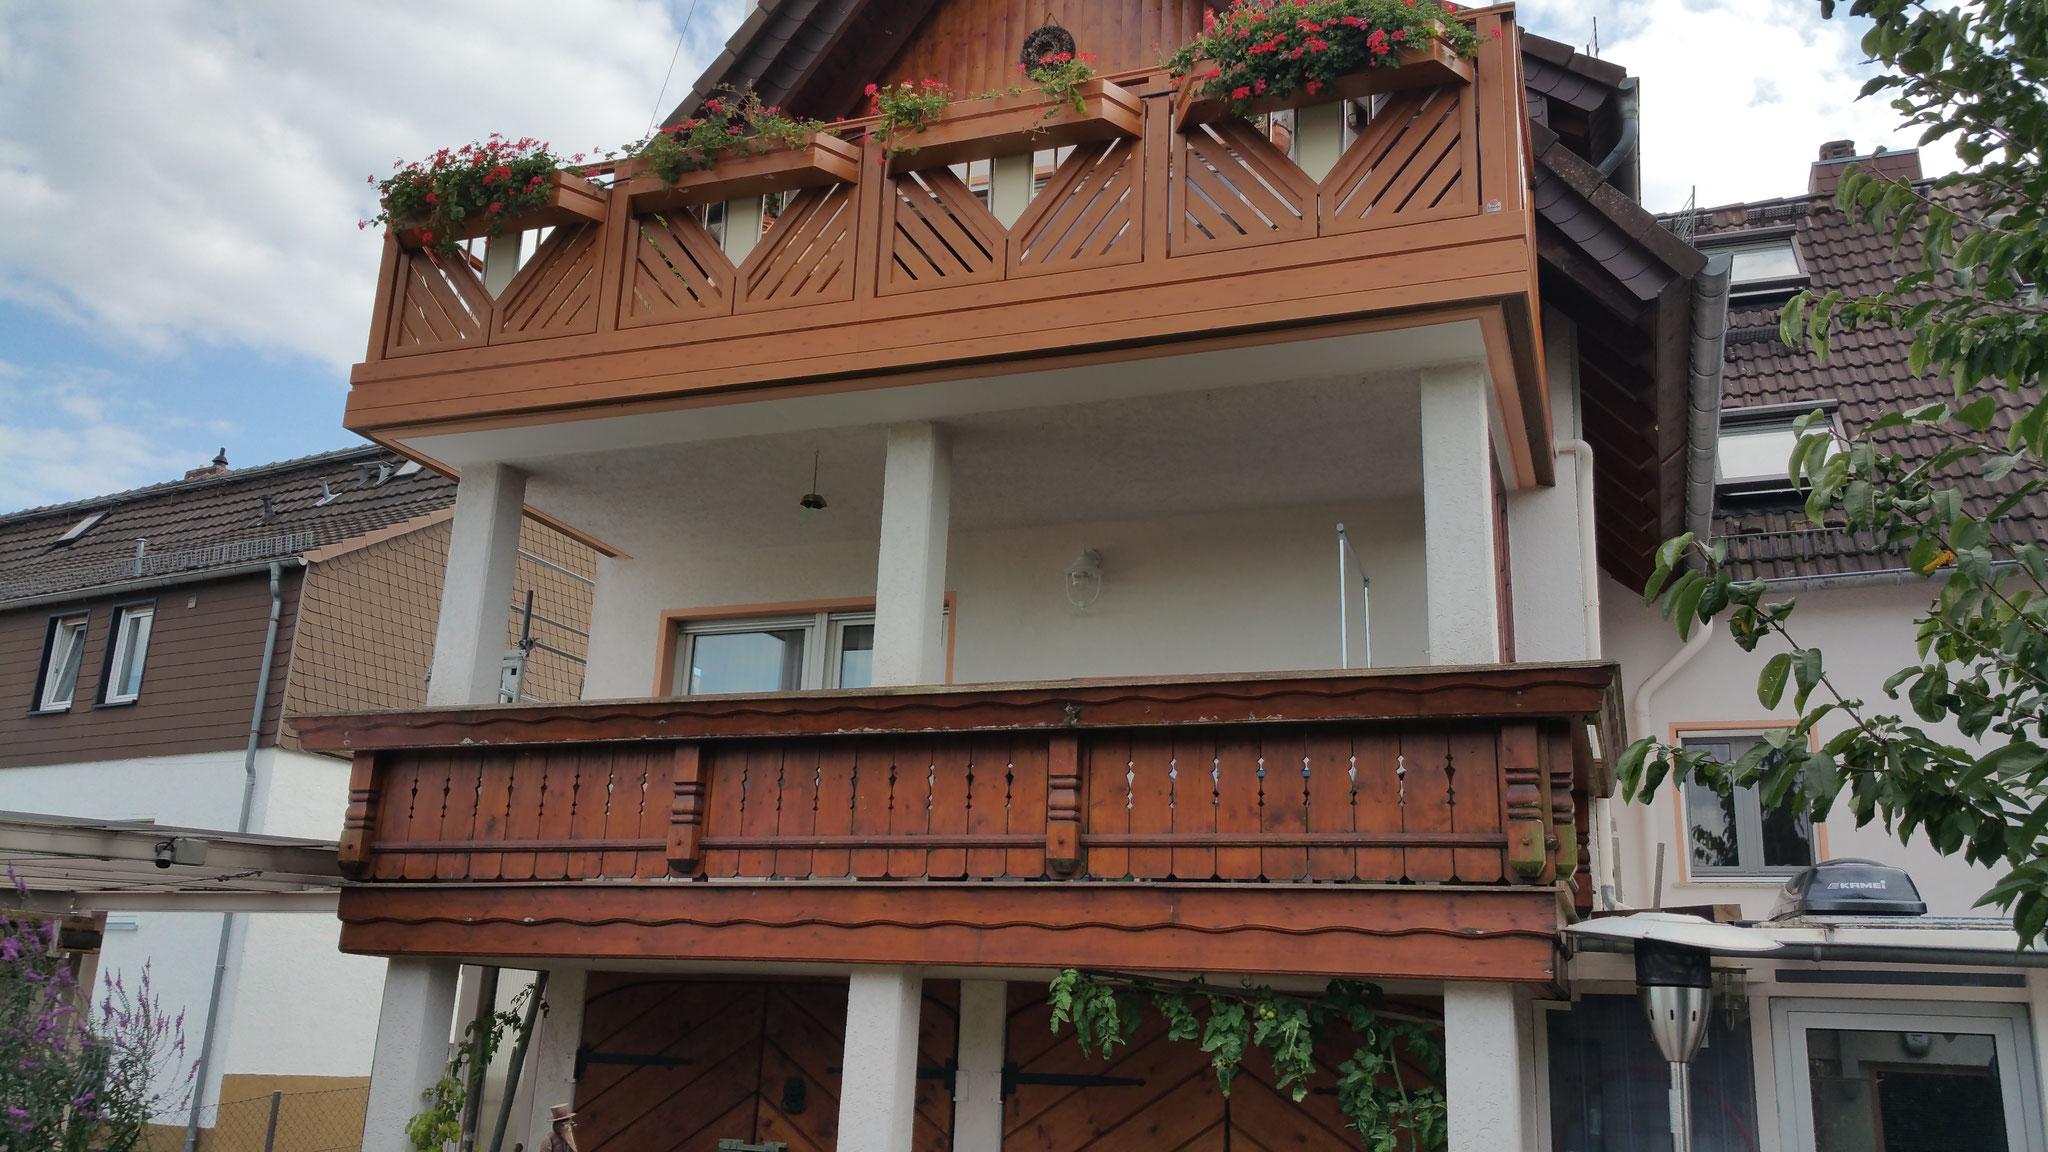 Alu Balkongeländer Hahnenkamm mit Holzstruktur (oberes Geländer)